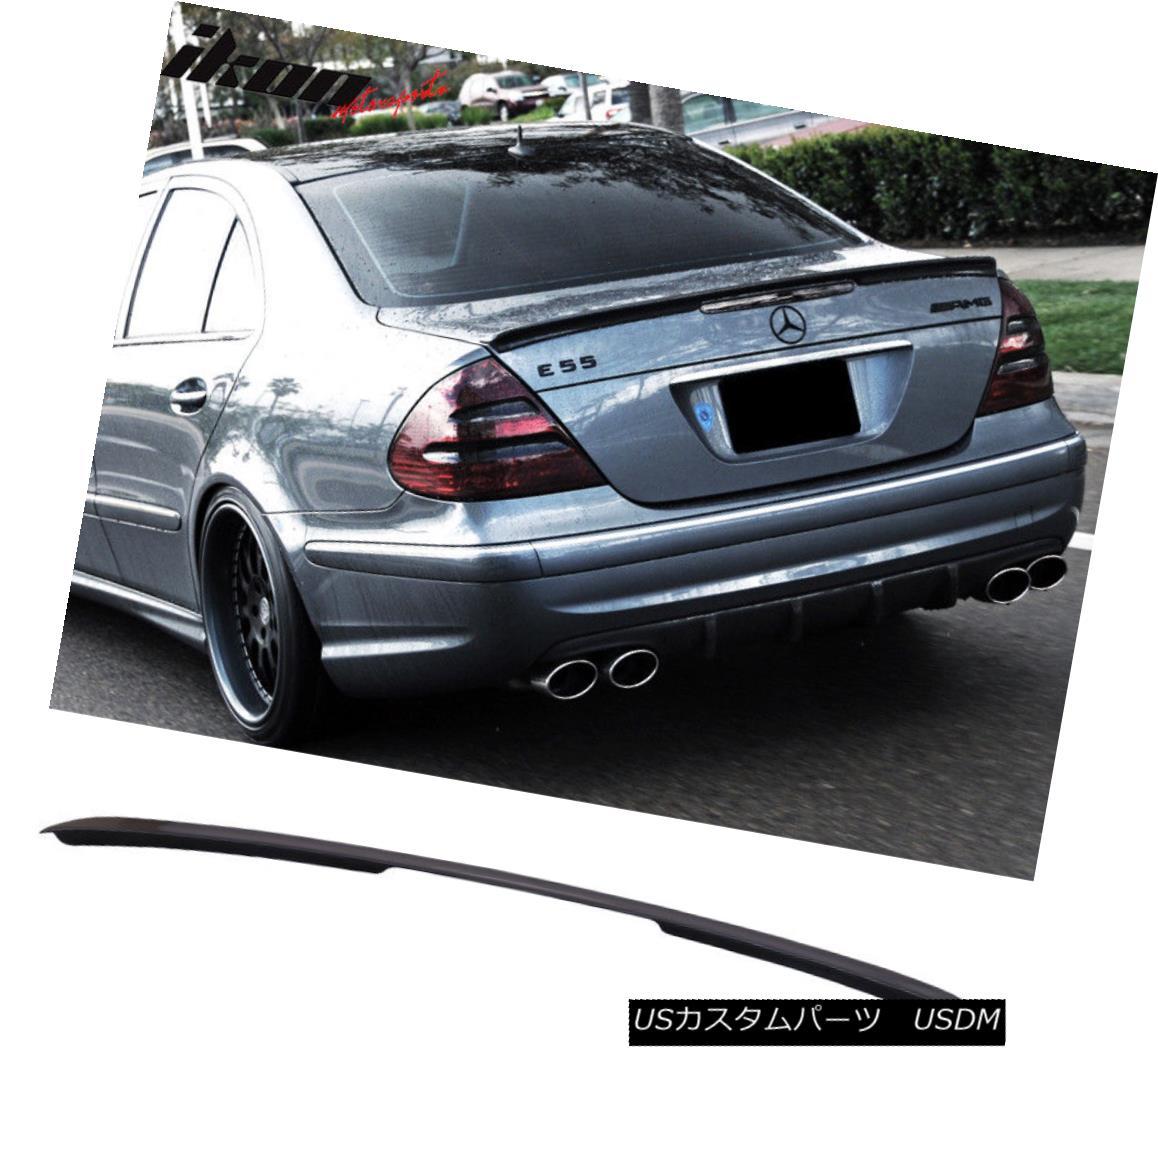 エアロパーツ 03-09 Benz E-Class W211 4Dr AMG Trunk Spoiler Painted #359 Capri Blue Metallic 03-09ベンツEクラスW211 4Dr AMGトランク・スポイラー#359カプリ・ブルー・メタリック